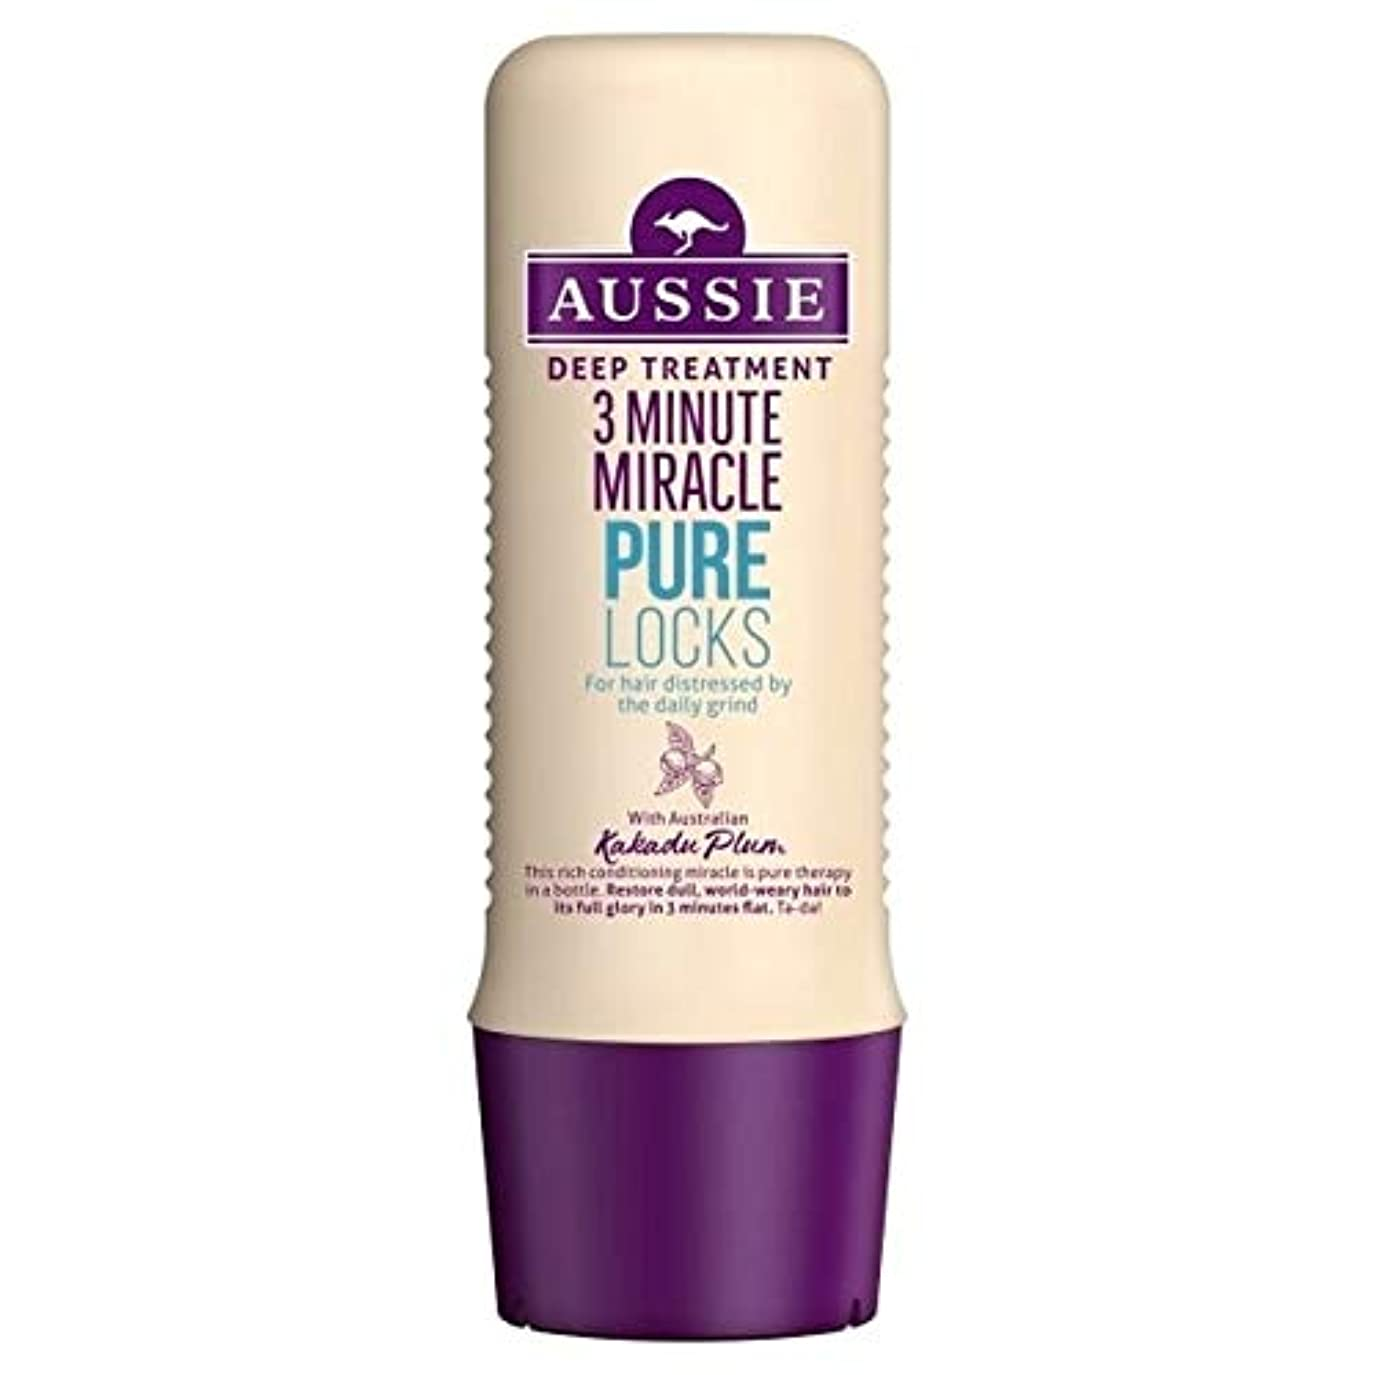 警告ウィザードプランター[Aussie ] オーストラリアの純粋なロック3分の奇跡の250ミリリットル - Aussie Pure Locks 3 Minute Miracle 250ml [並行輸入品]